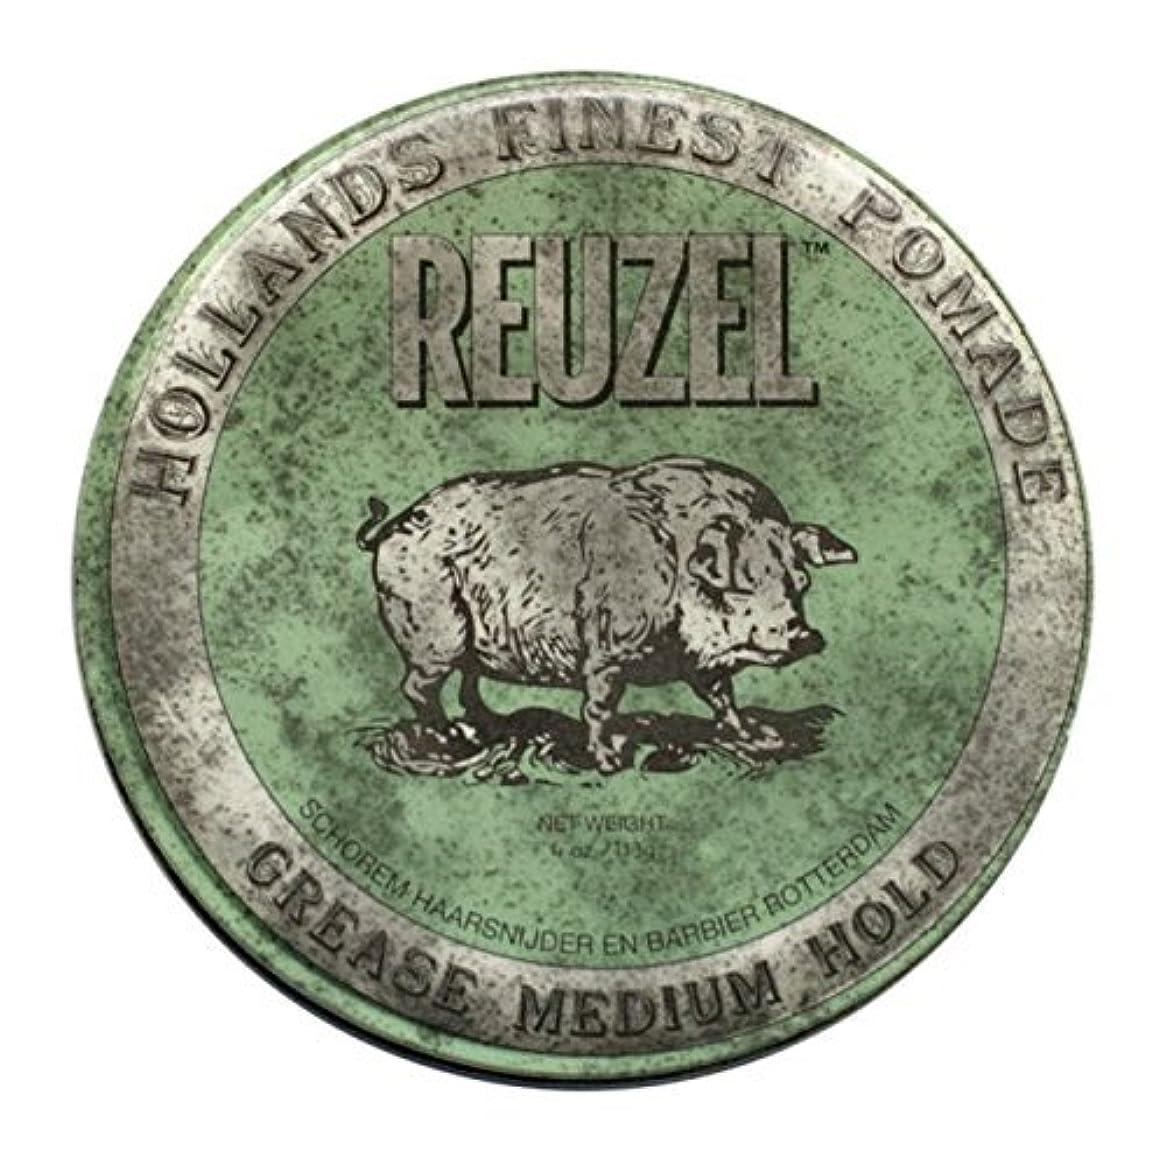 溶かすシンカン資格情報Reuzel Green Grease Medium Hold Hair Styling Pomade Piglet 1.3oz (35g) Wax/Gel by Reuzel